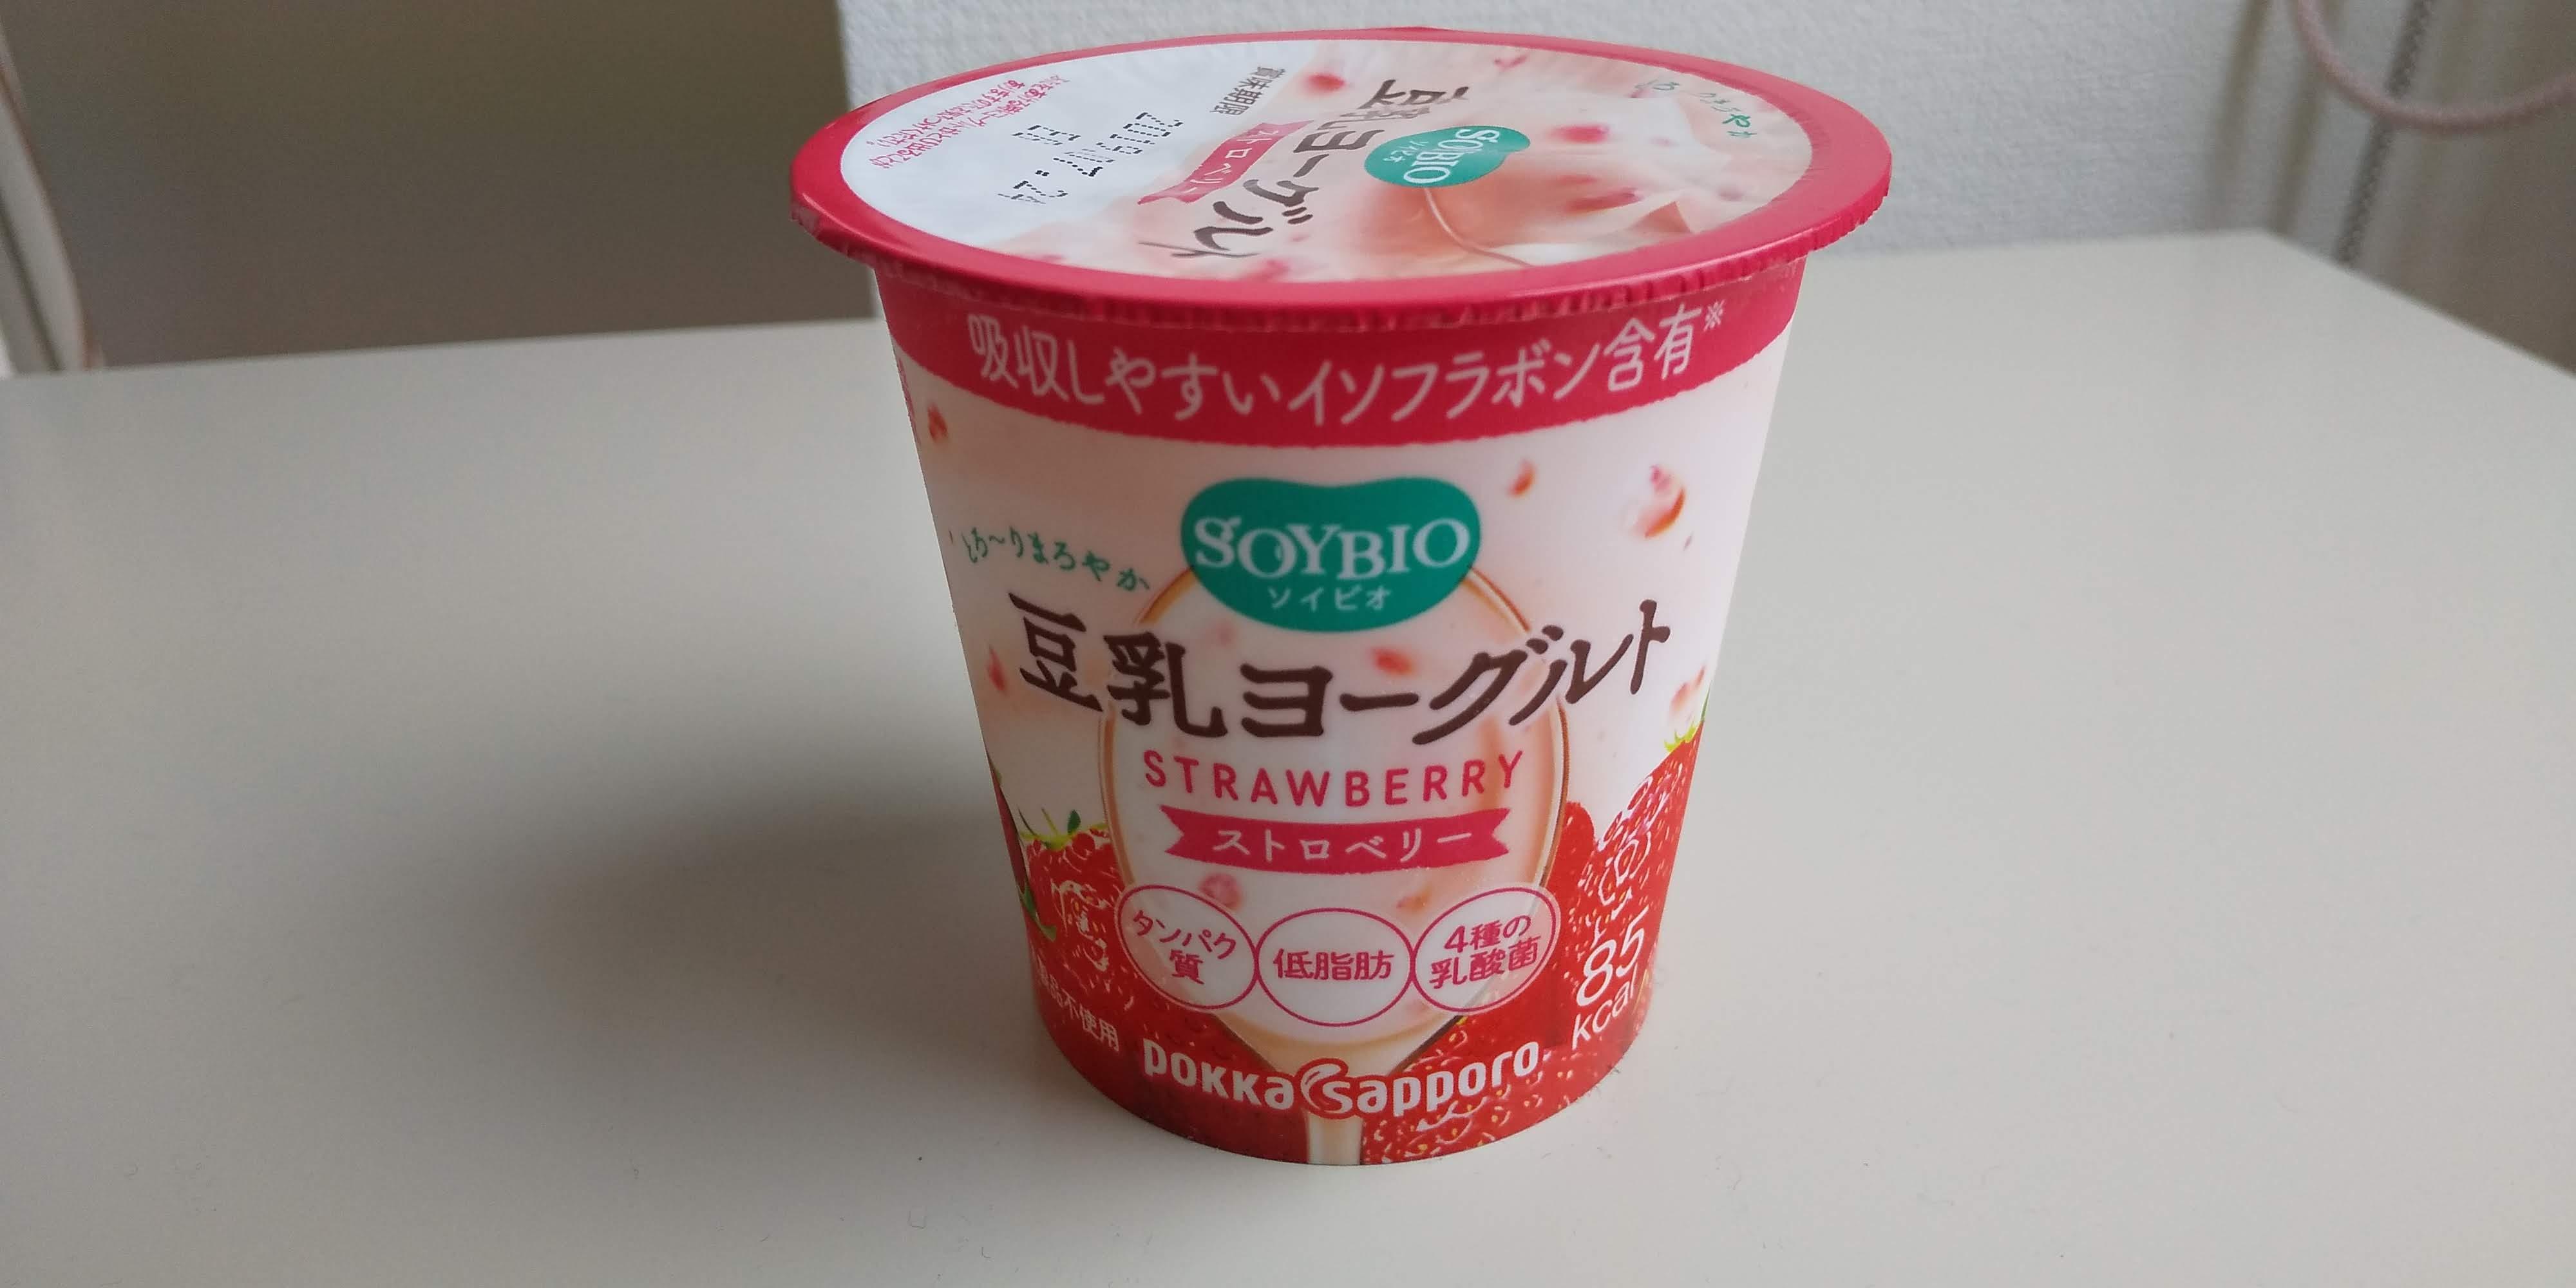 ポッカサッポロ【ソイビオ豆乳ヨーグルトストロベリー】